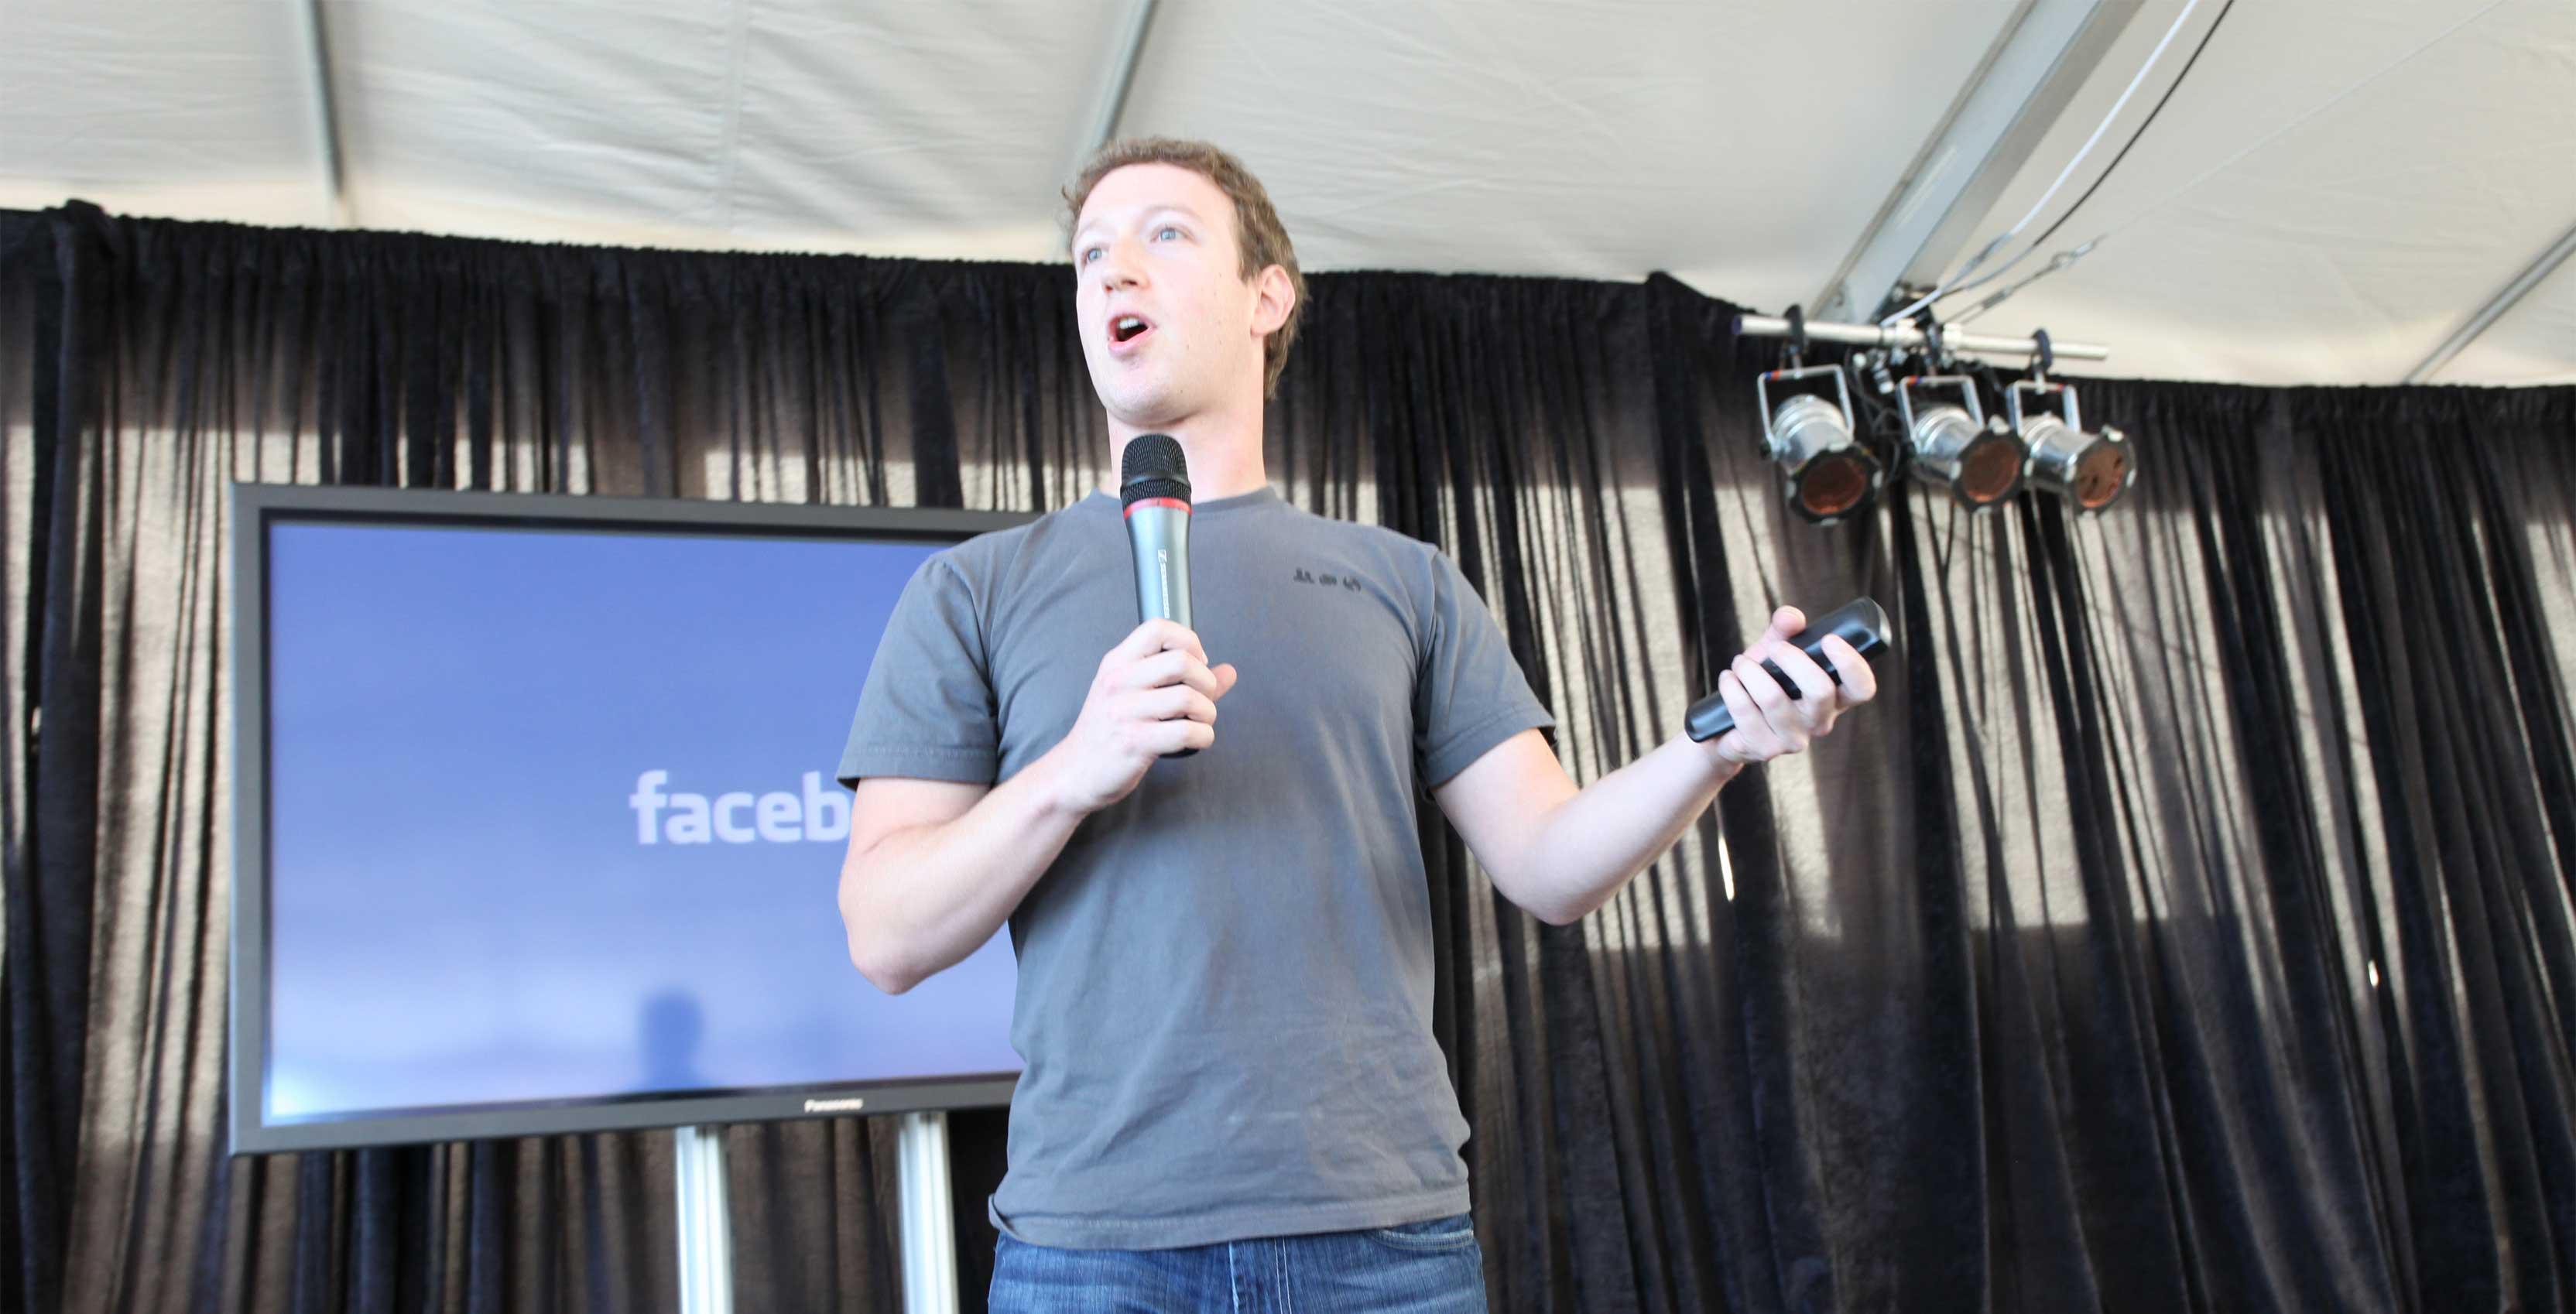 Mark Zuckerberg - Facebook Q4 2016 earnings